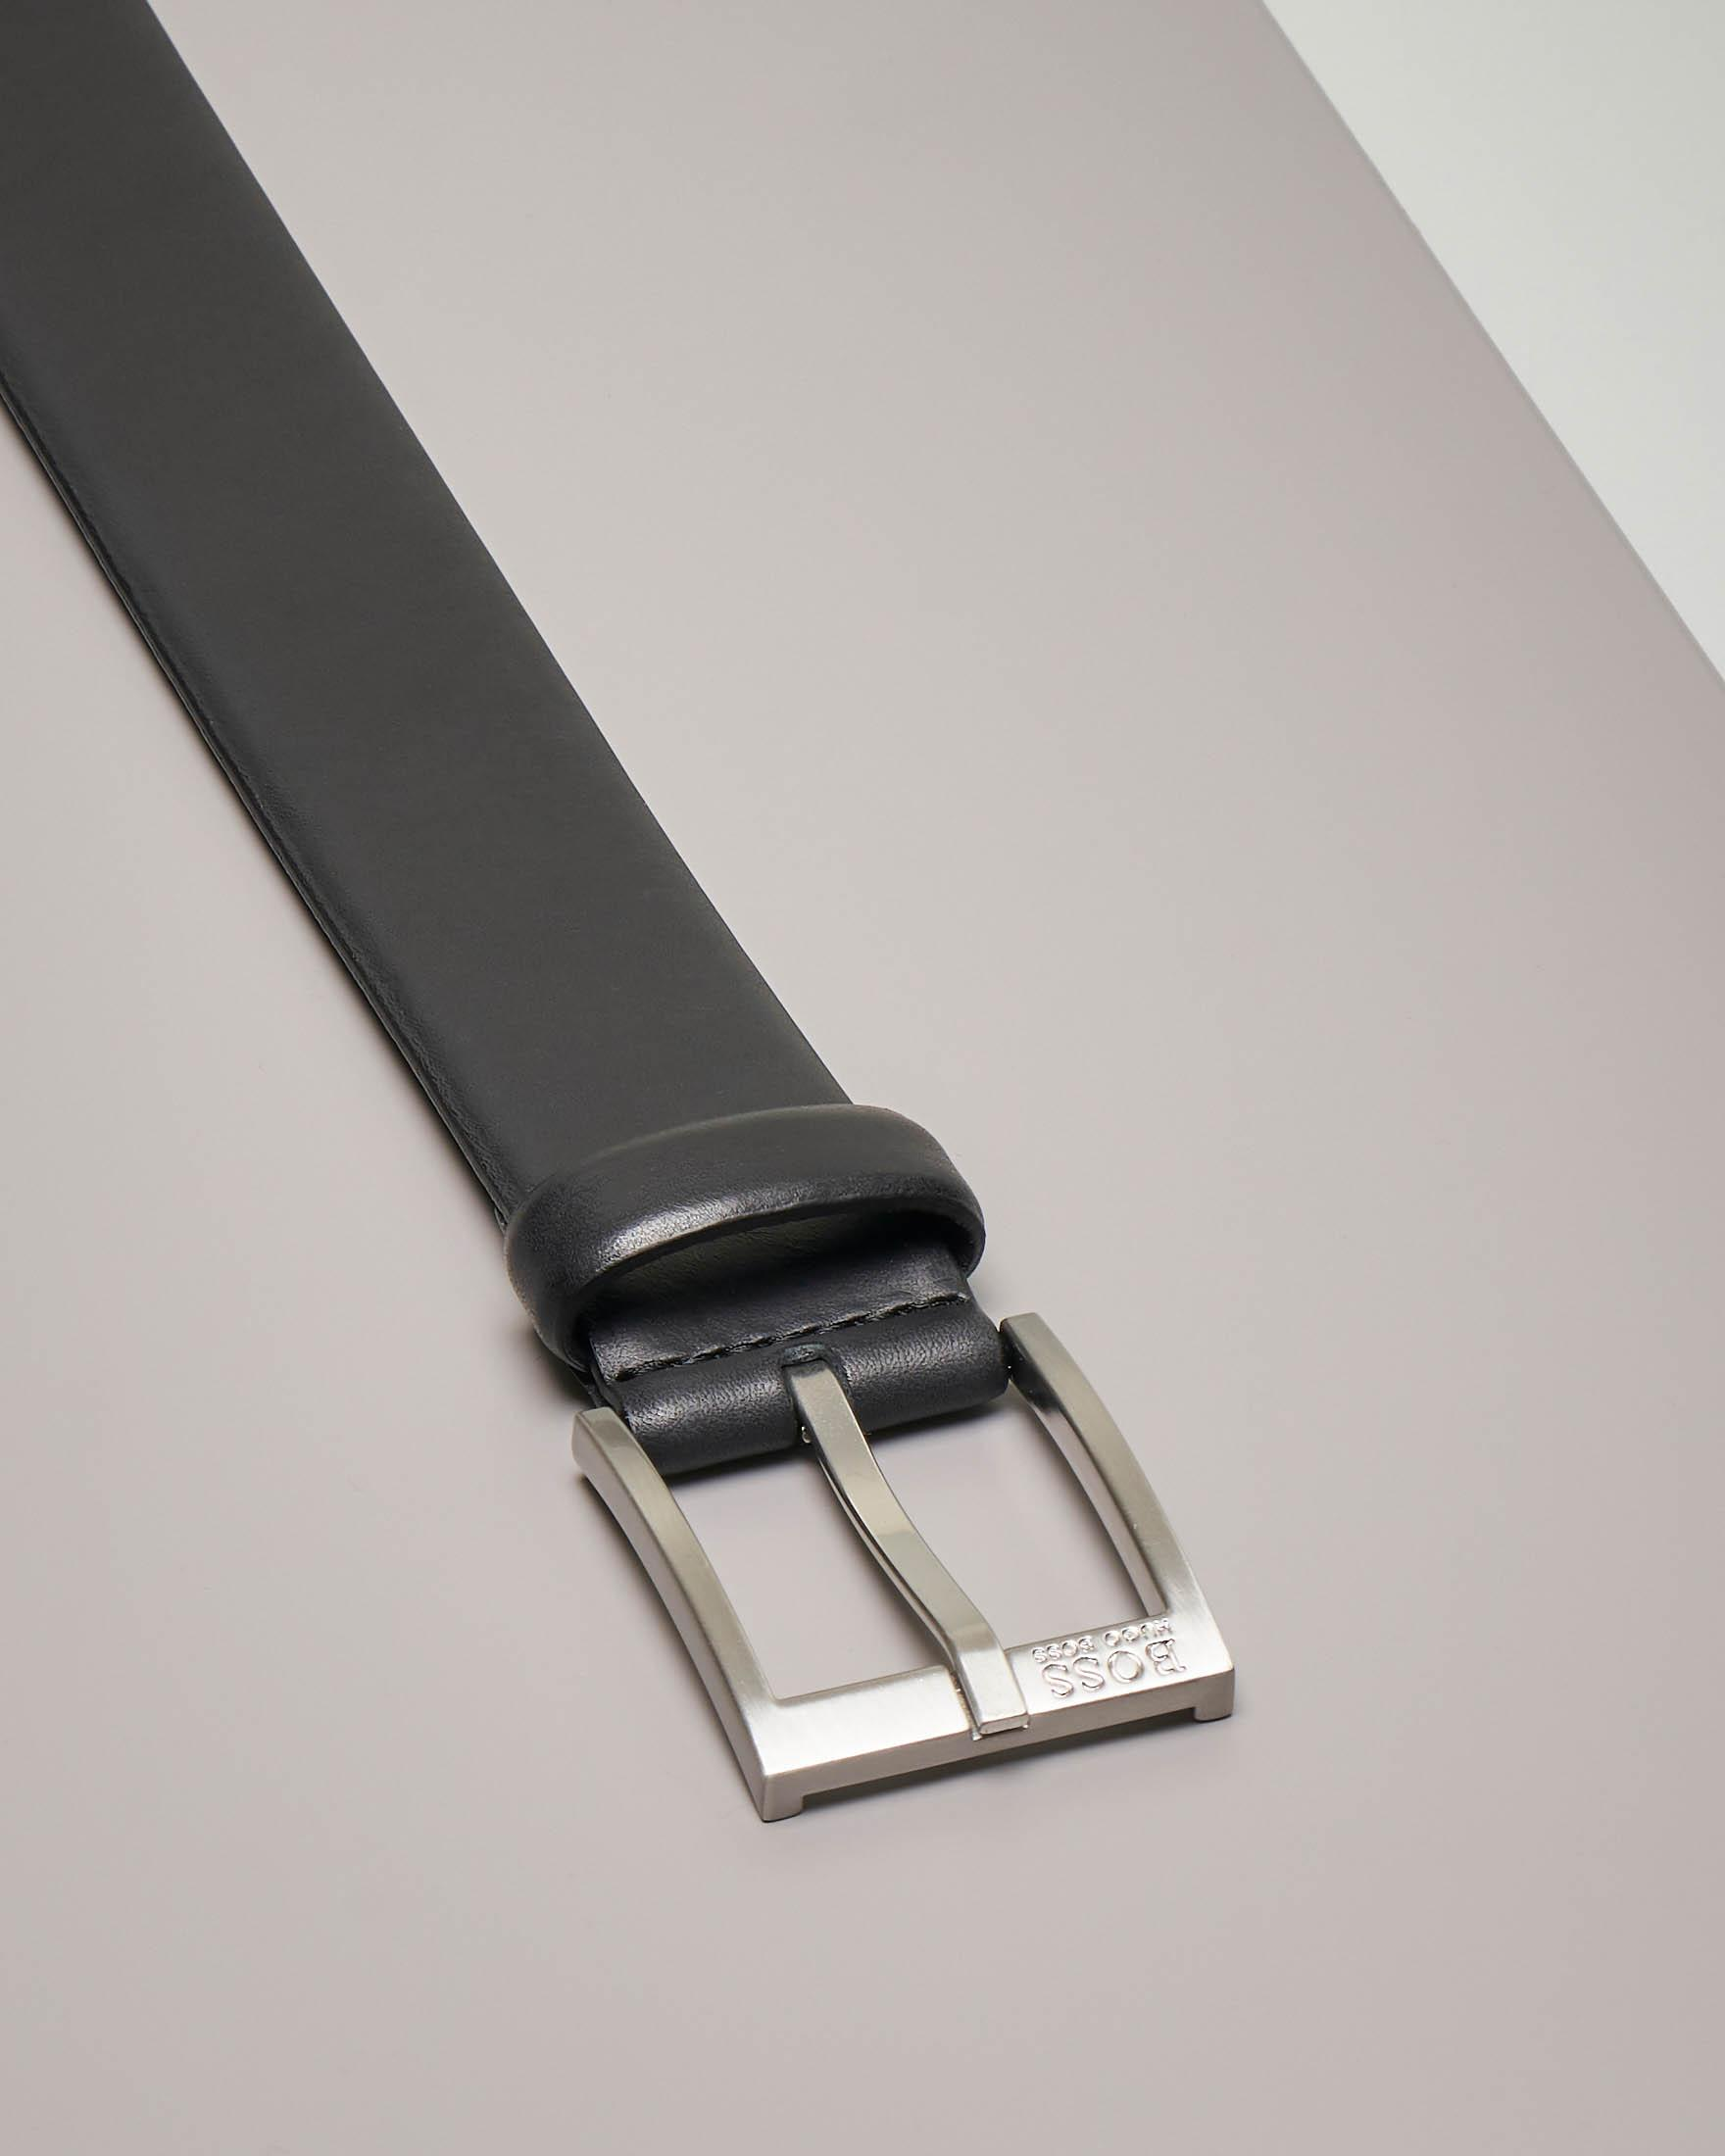 Cintura nera in pelle liscia con fibbia in metallo